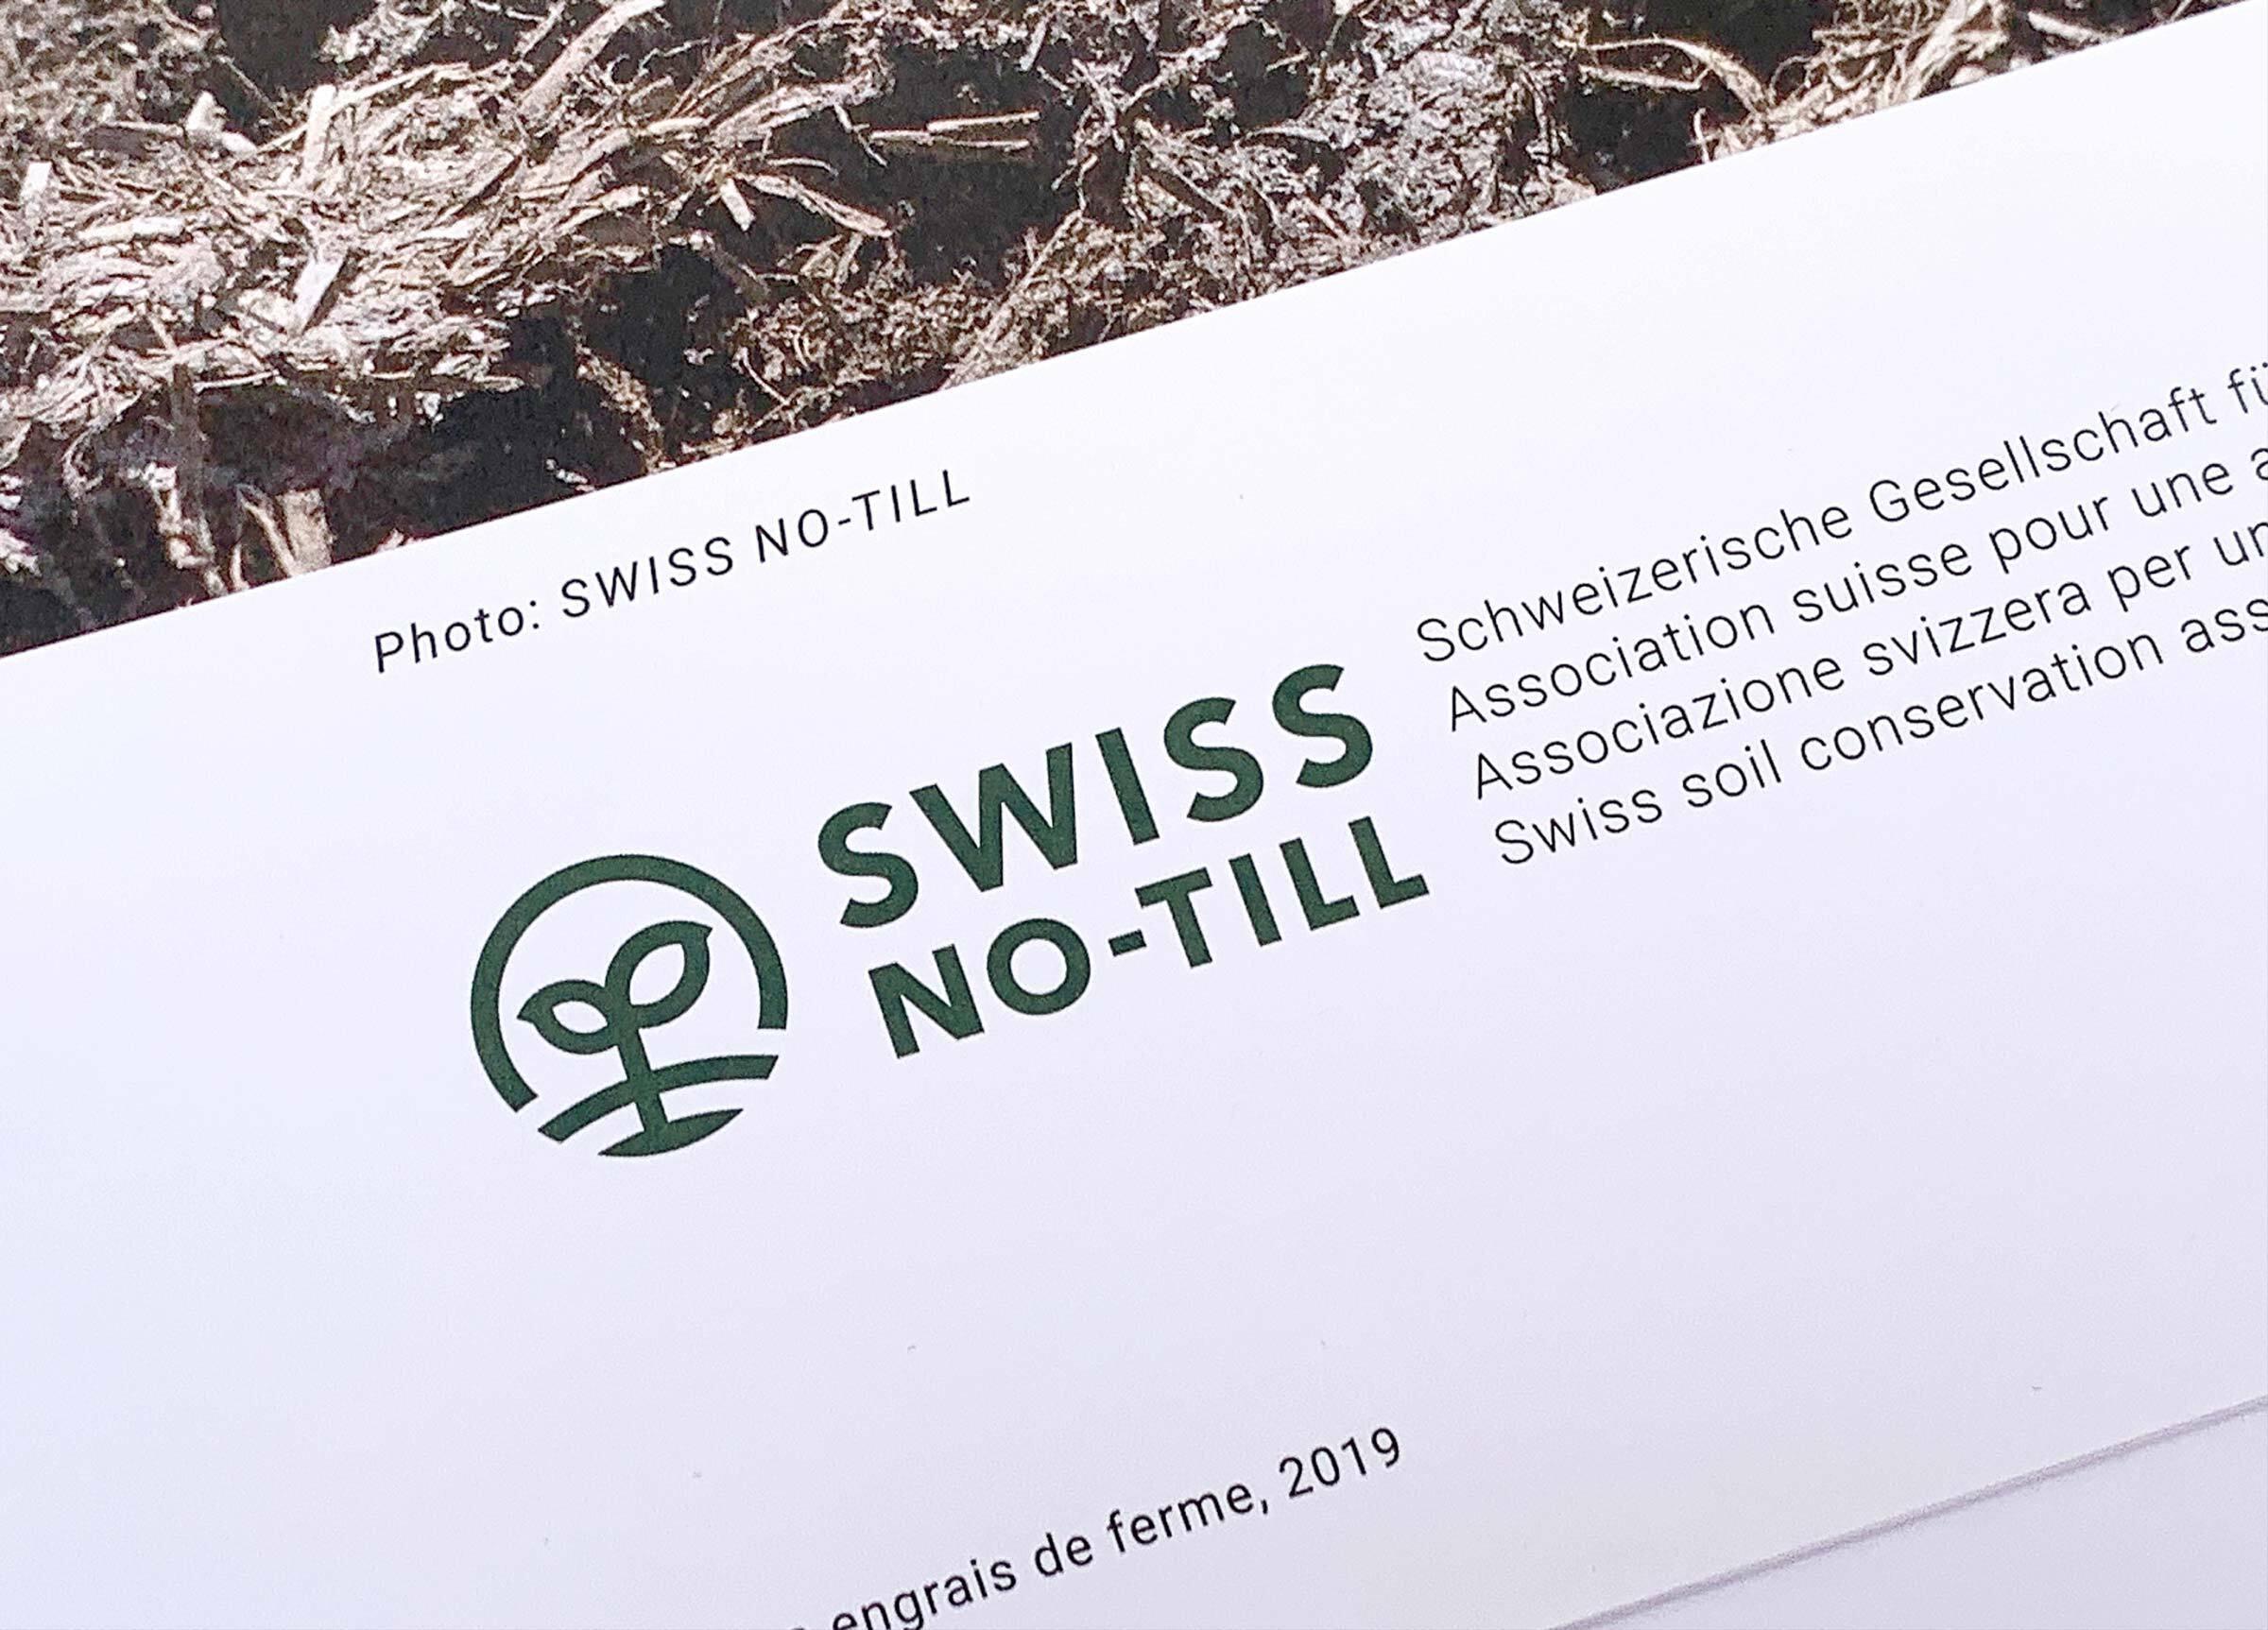 Swiss No Till Cd 011 MHG Bern